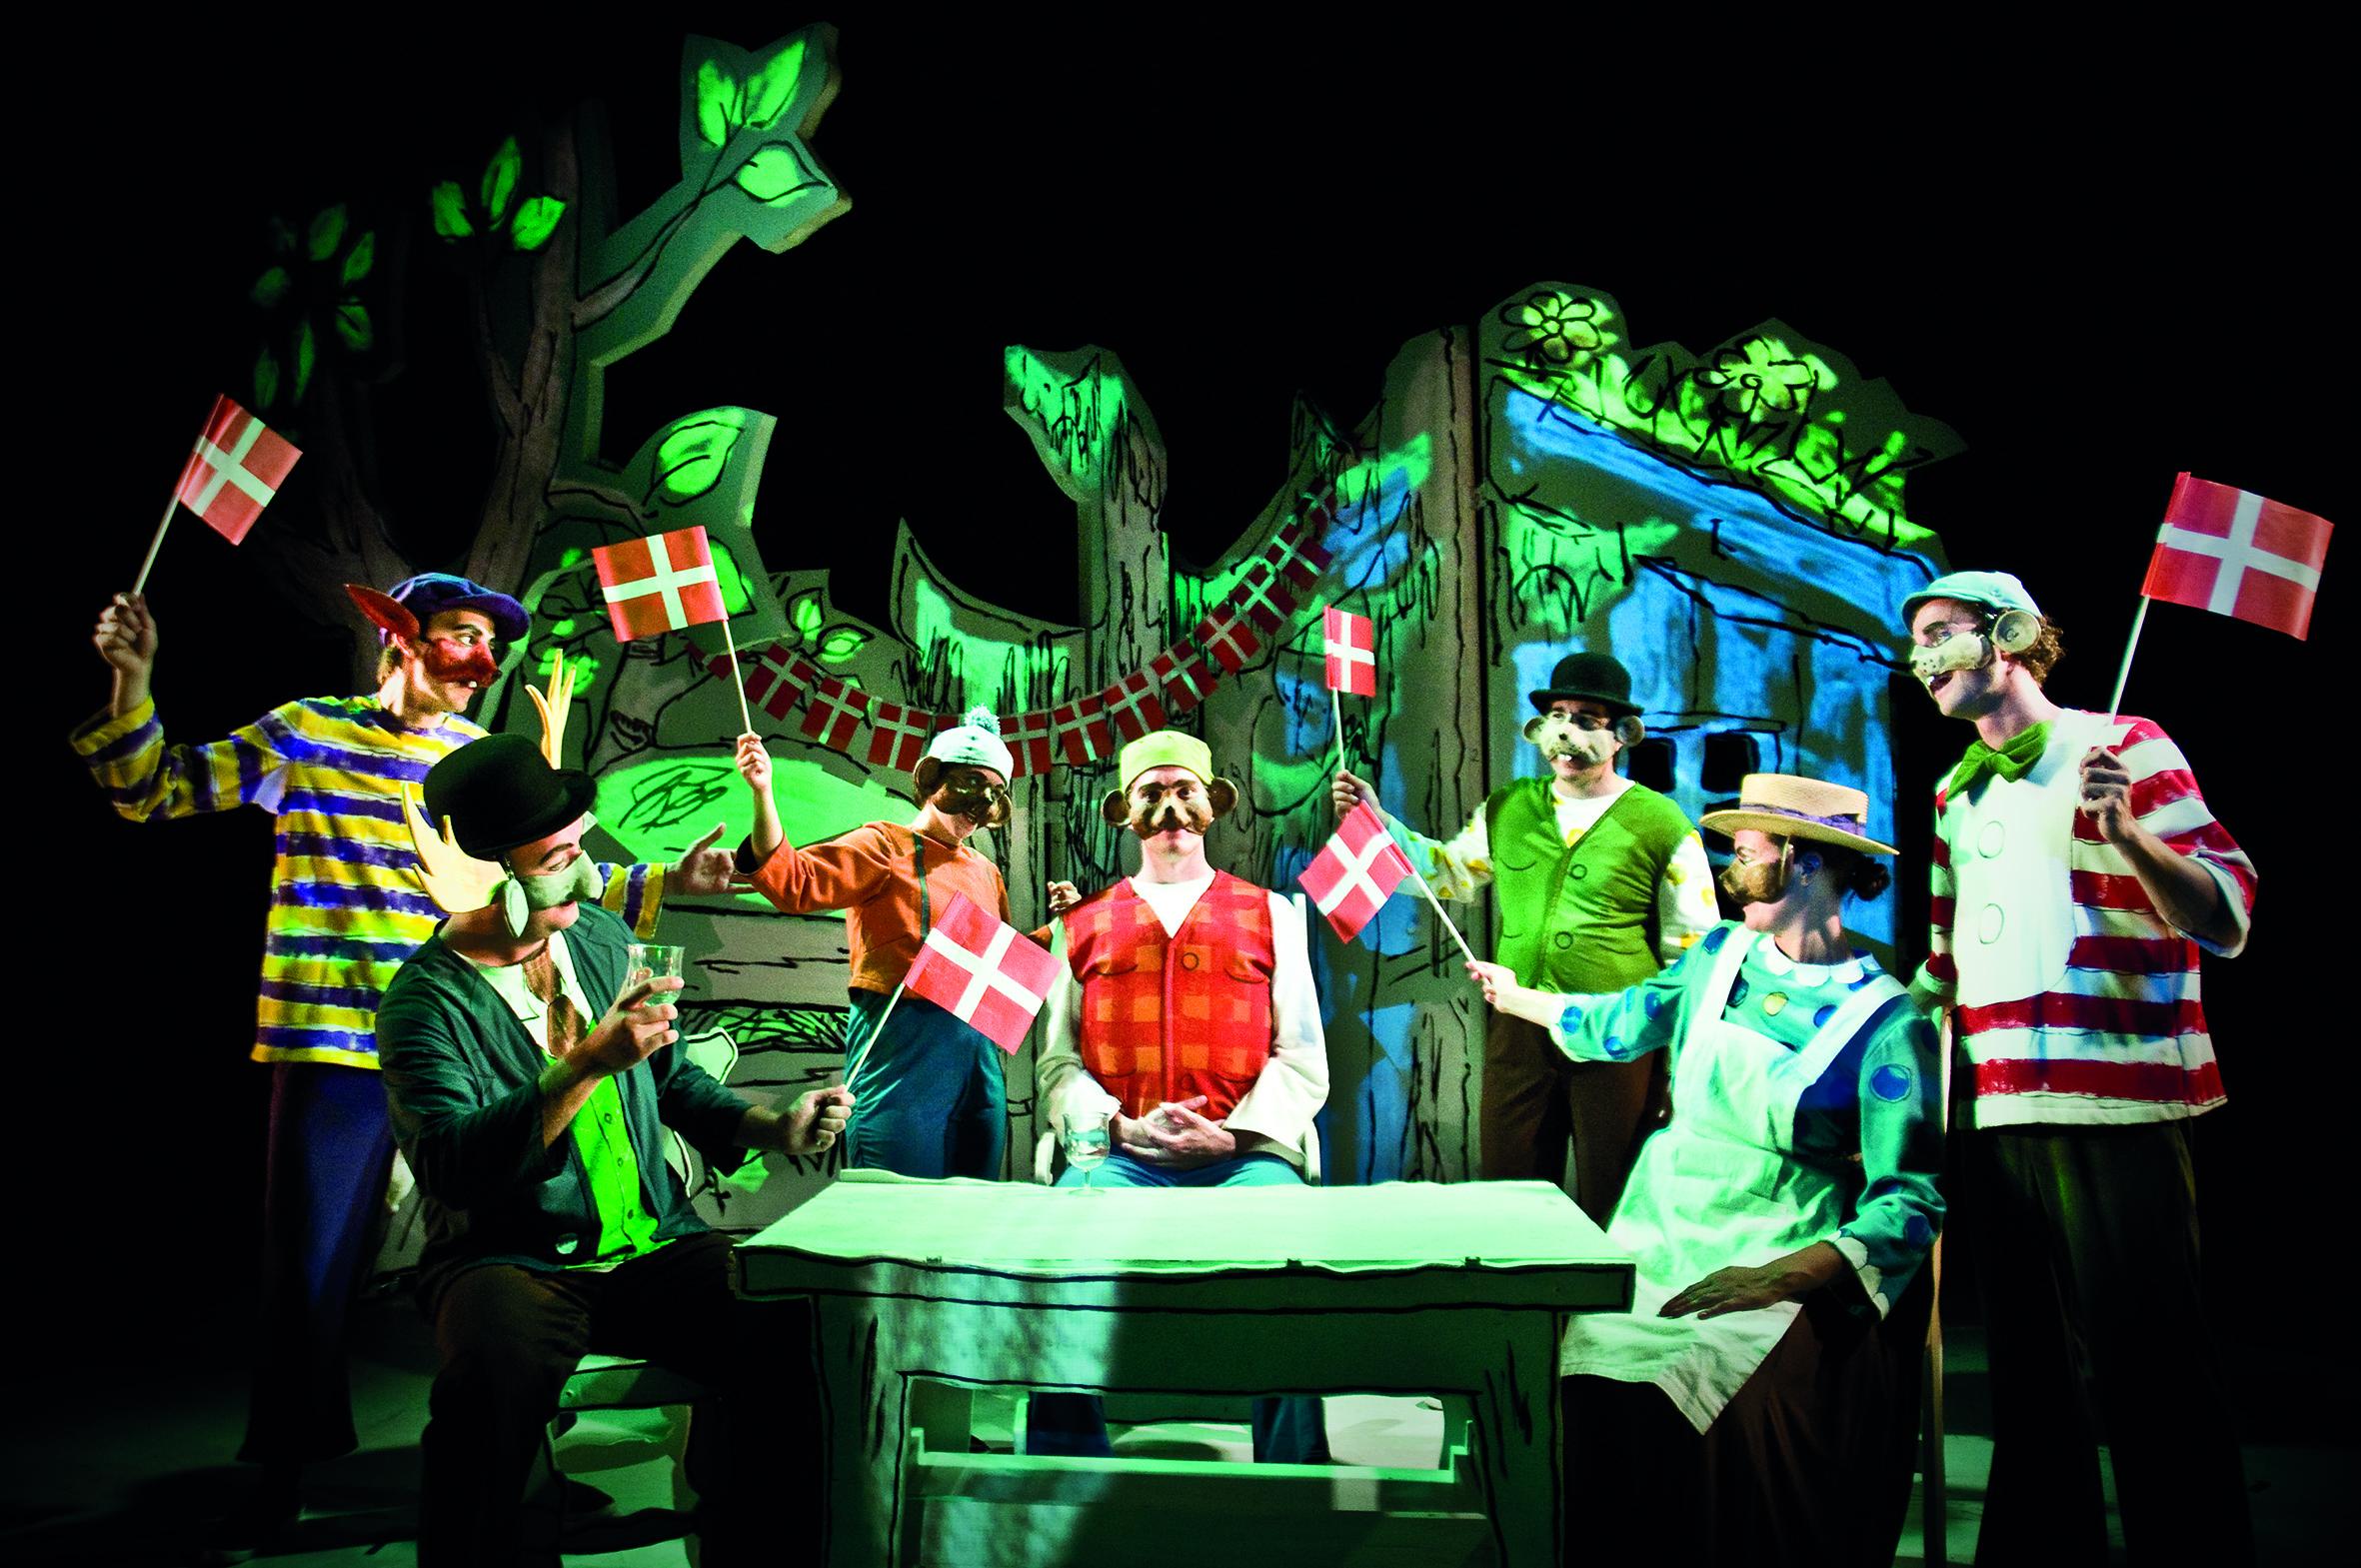 Anmeldelse: Dyrene i Hakkebakkeskoven, Tivoli (Teater V og Tivoli)